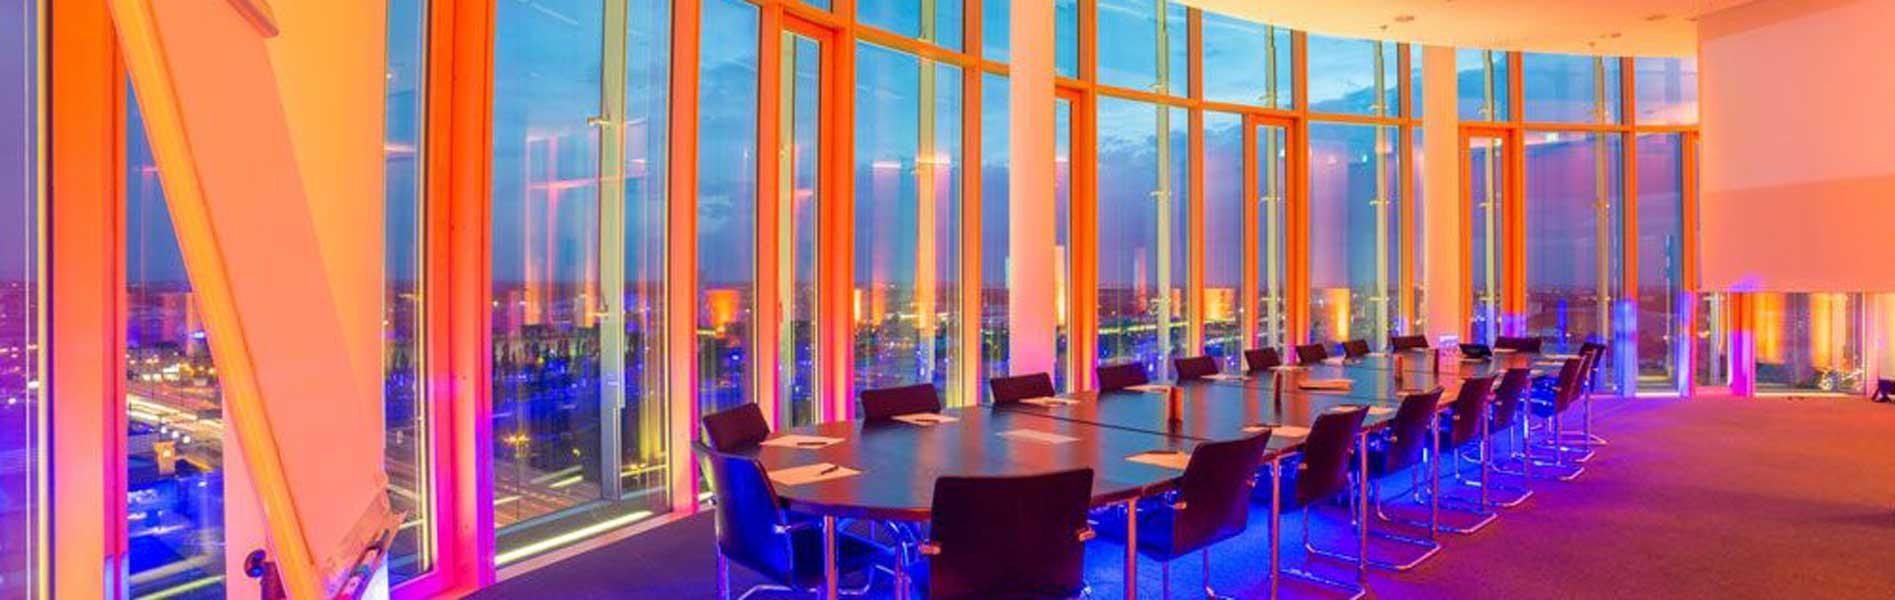 Mercedes Benz Center 360° Panorama Tagungs-und Eventlocation